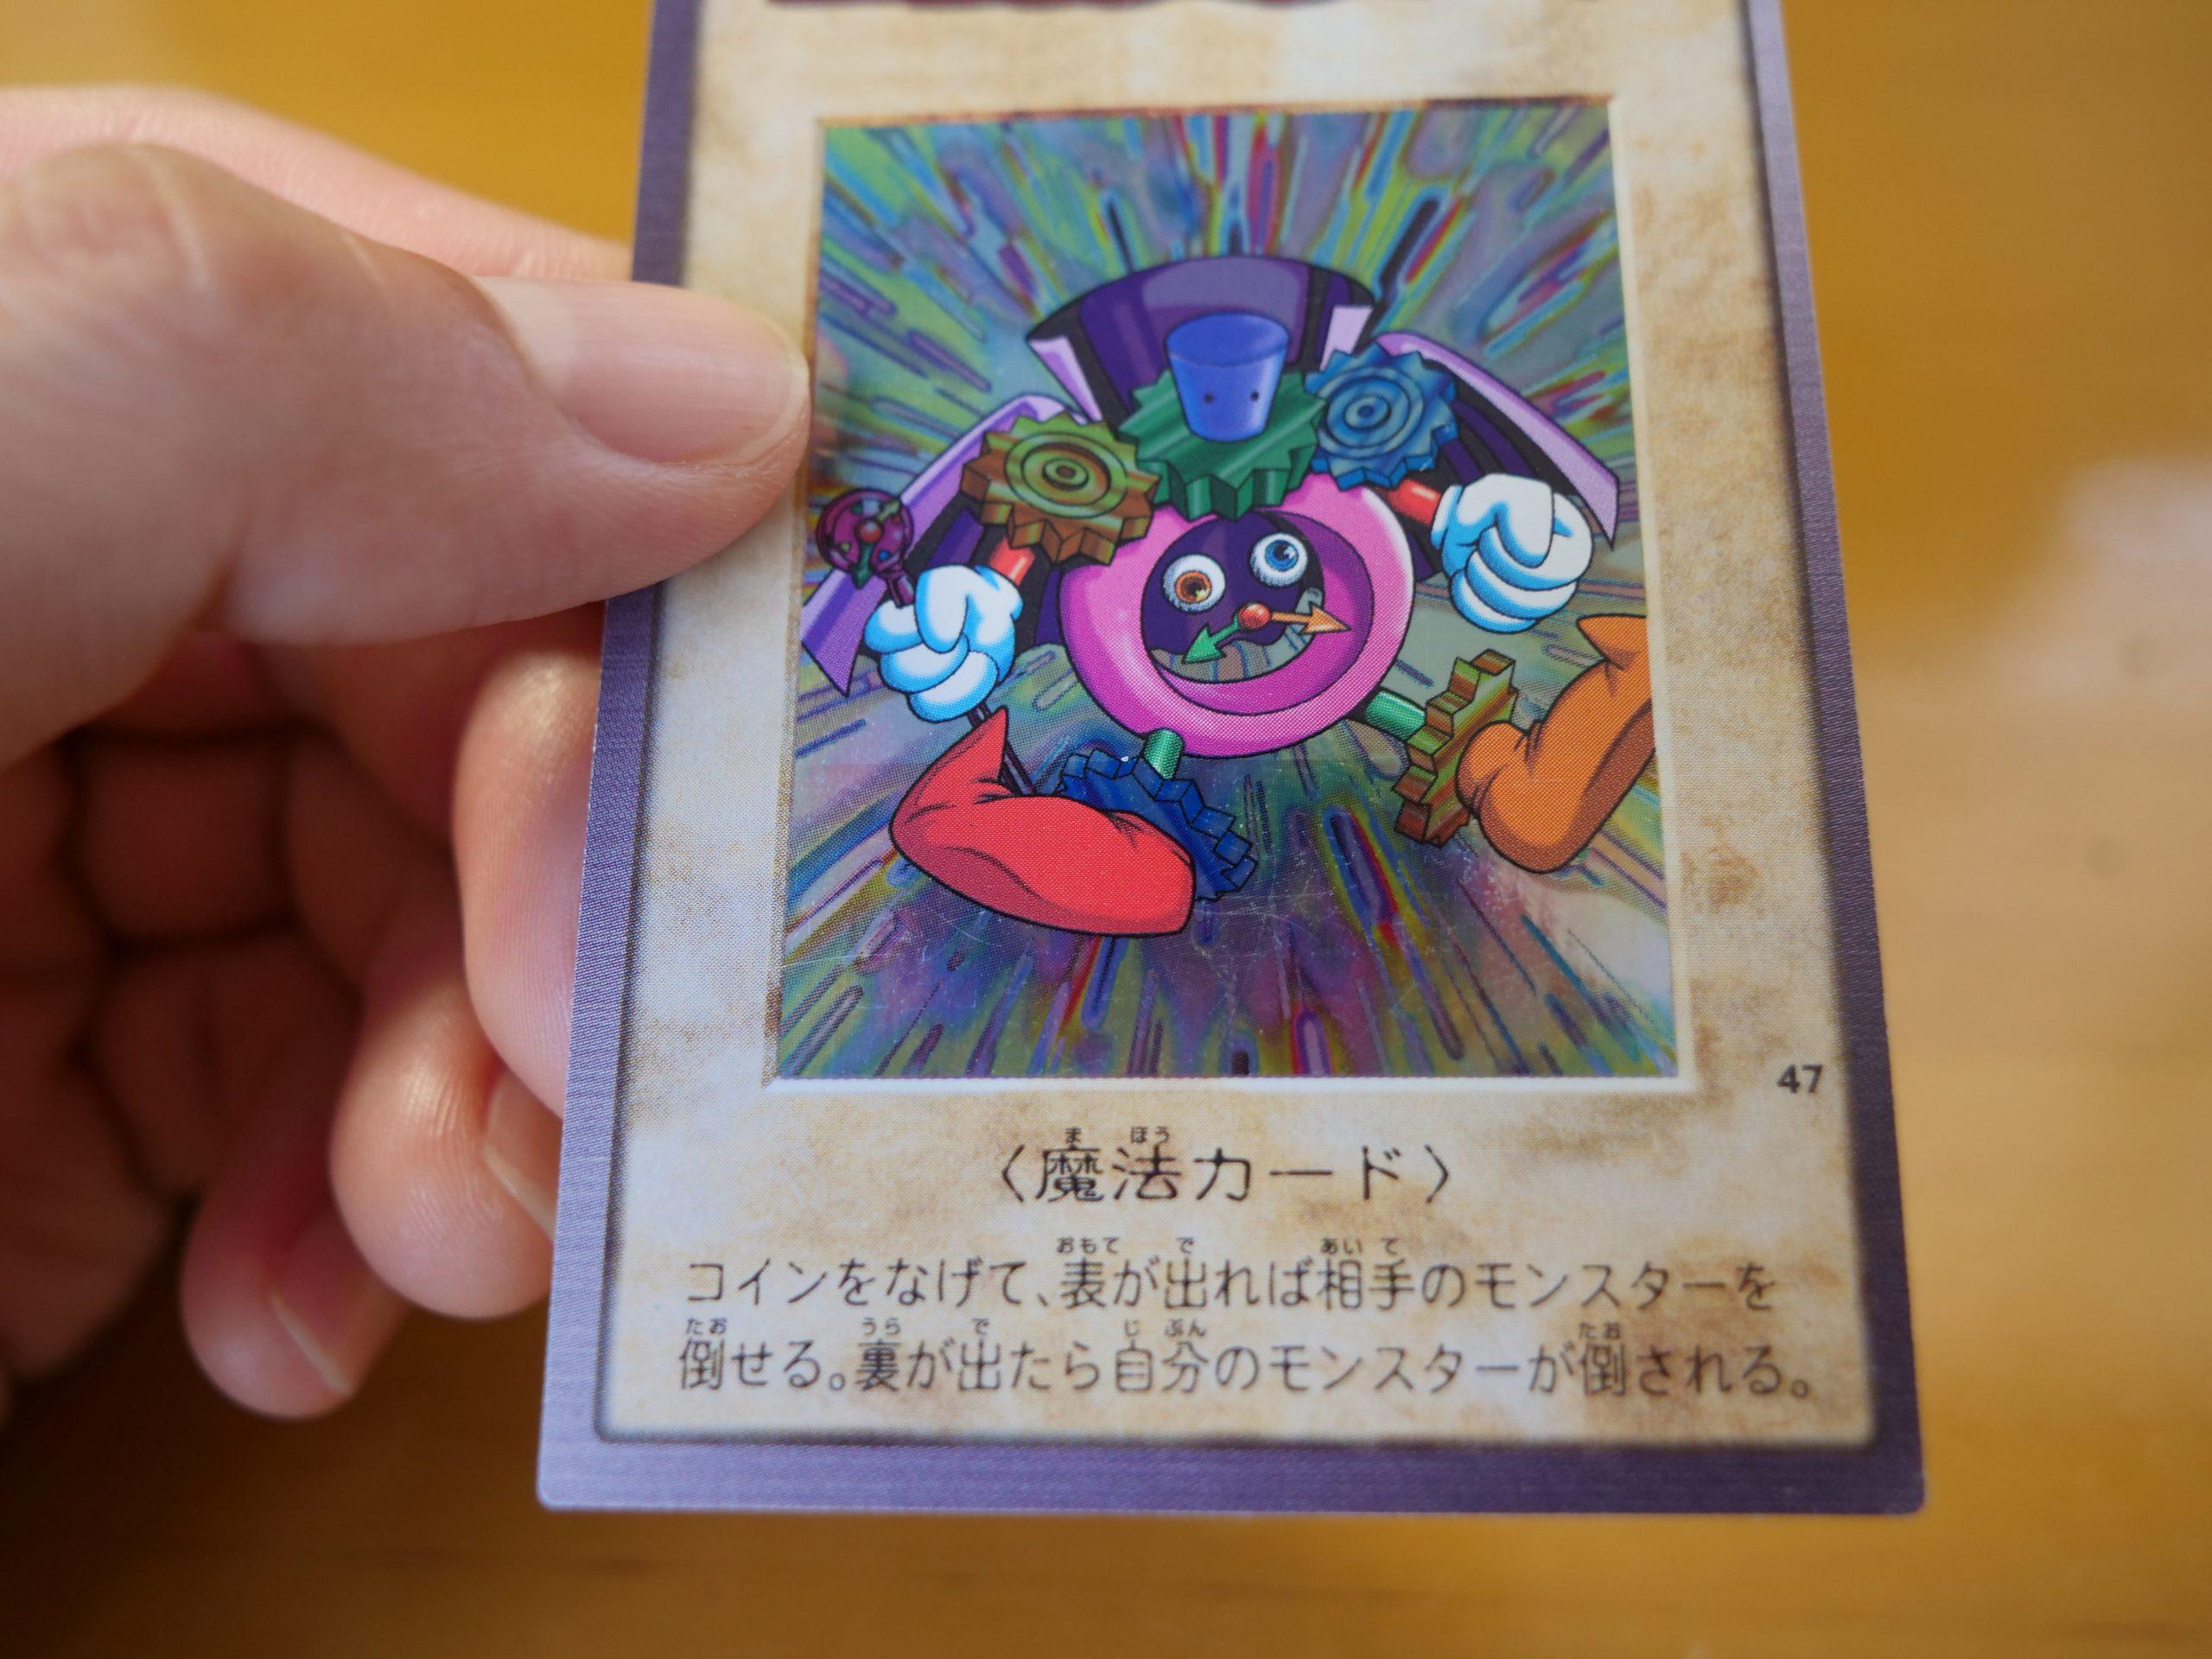 遊戯王カード_時魔術師バンダイ3